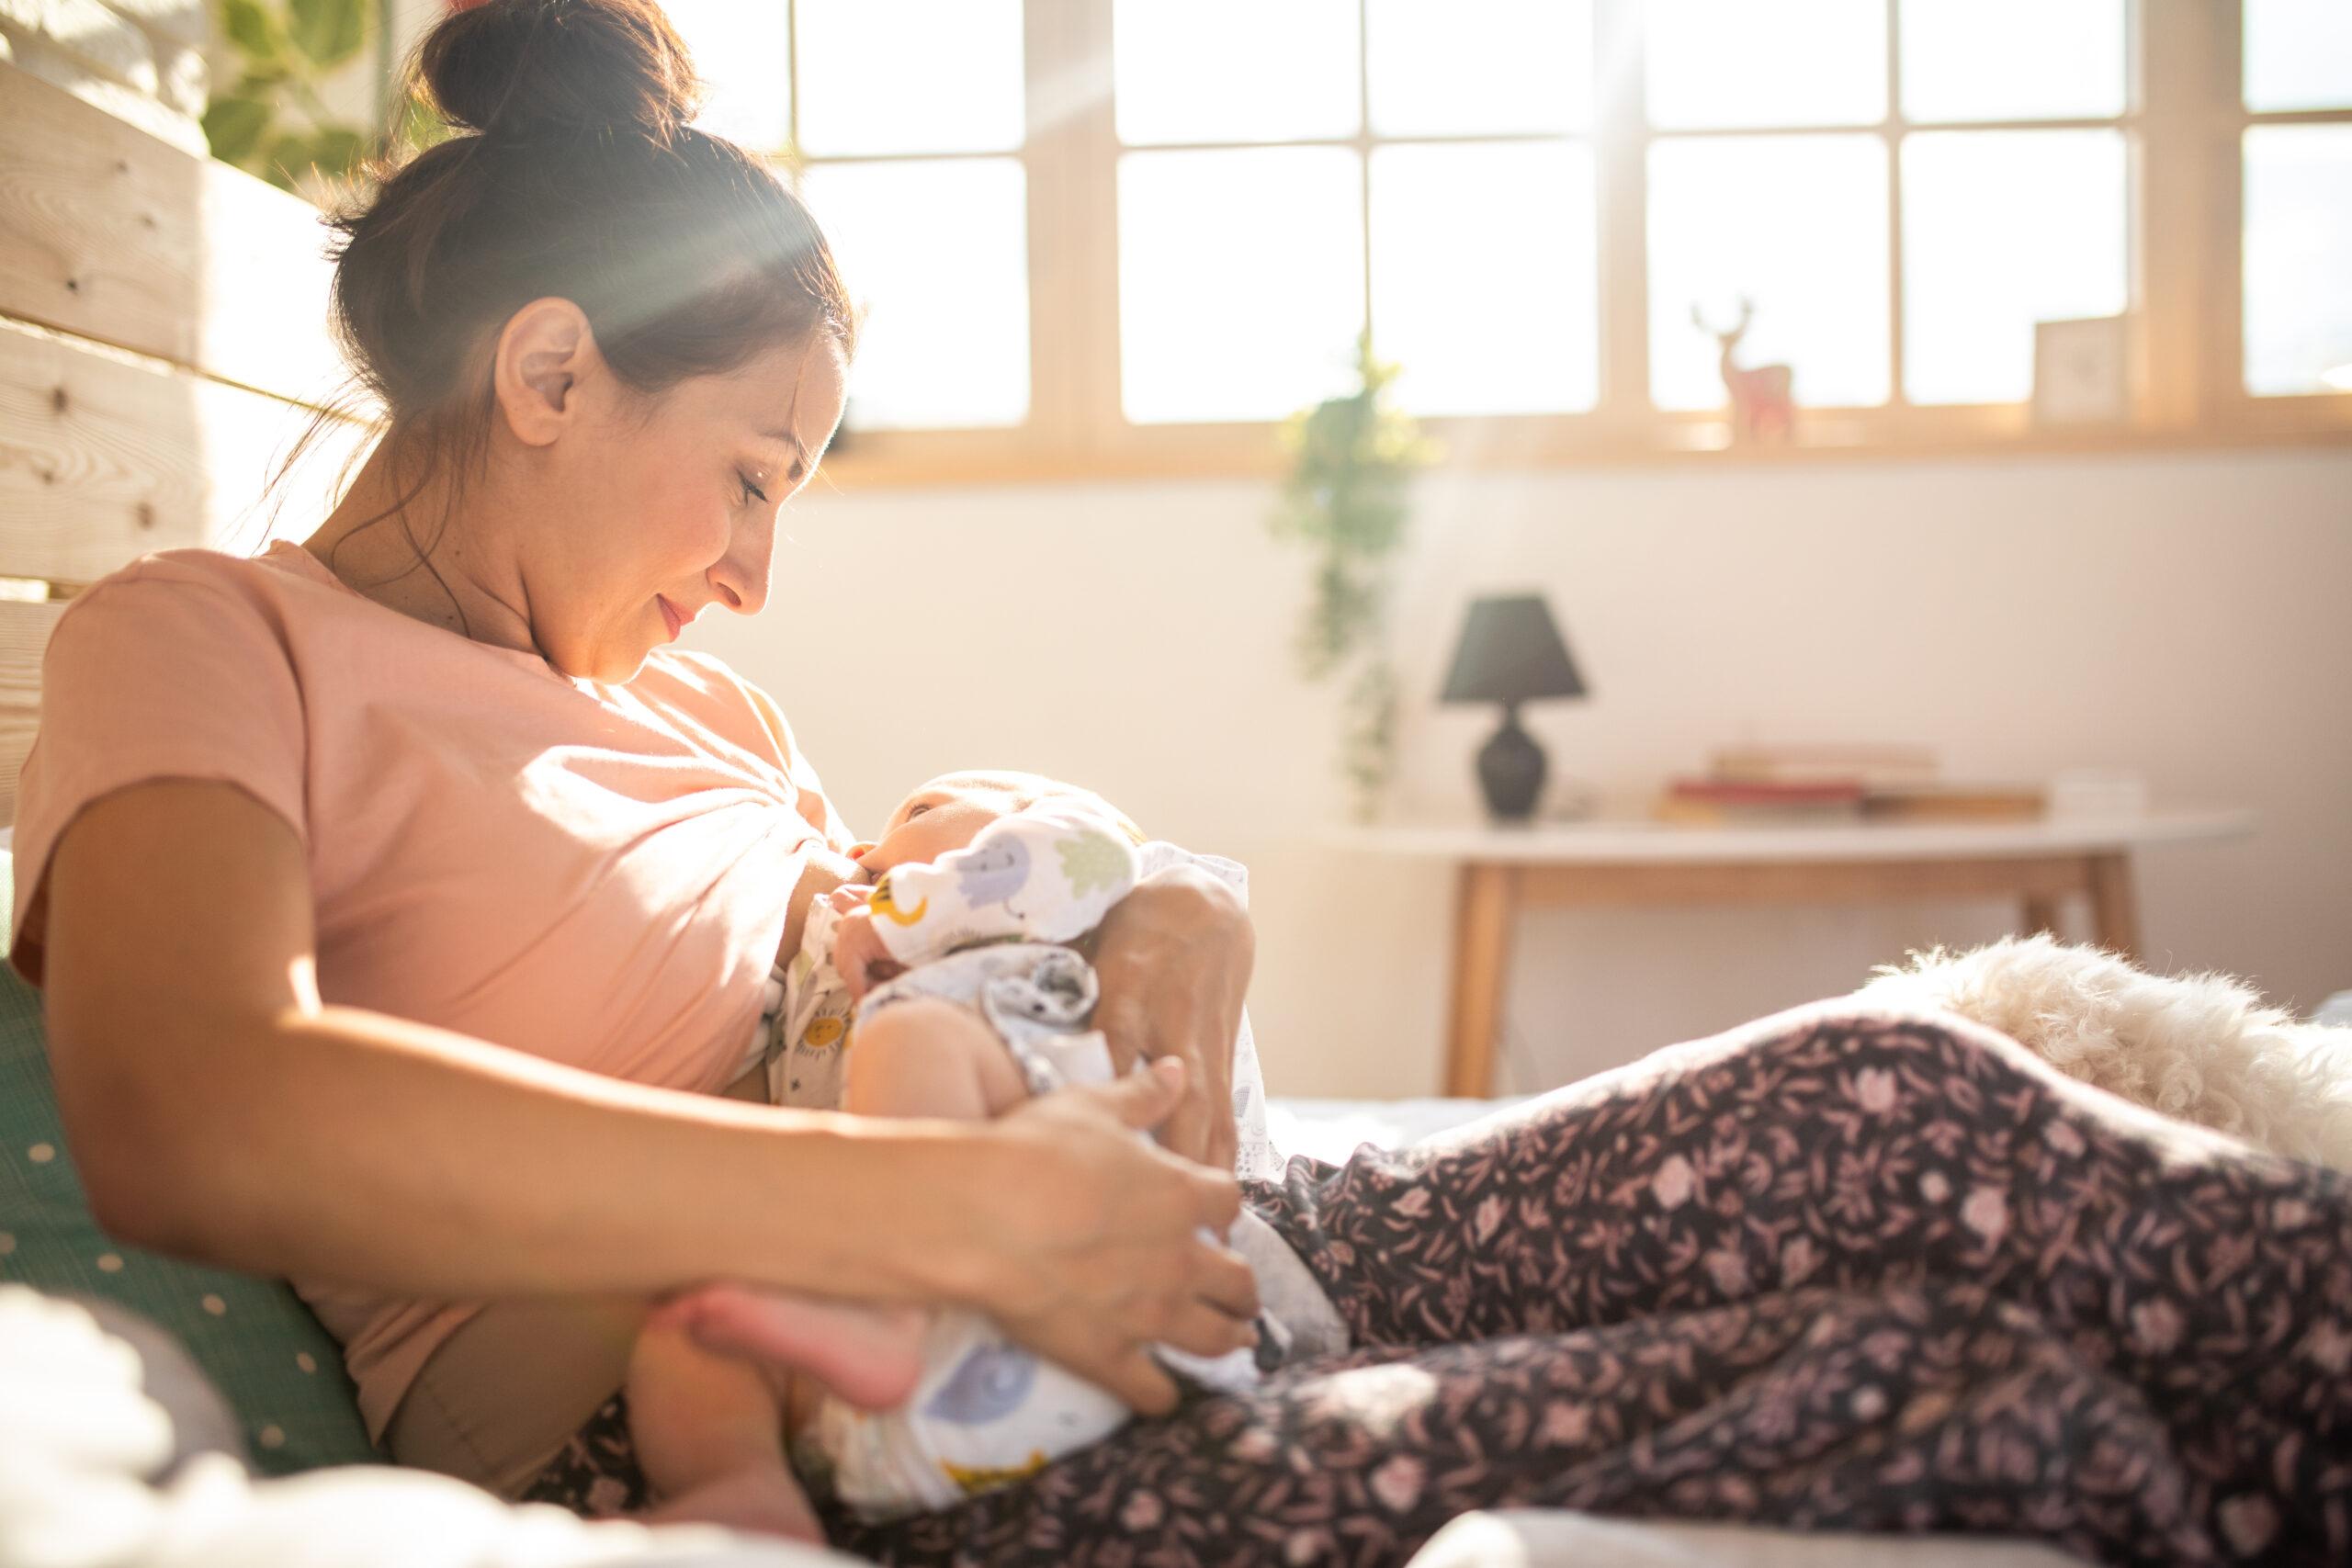 Παραγωγή μητρικού γάλακτος – 5 μυστικά που θα σου επιτρέψουν να την αυξήσεις στο μέγιστο